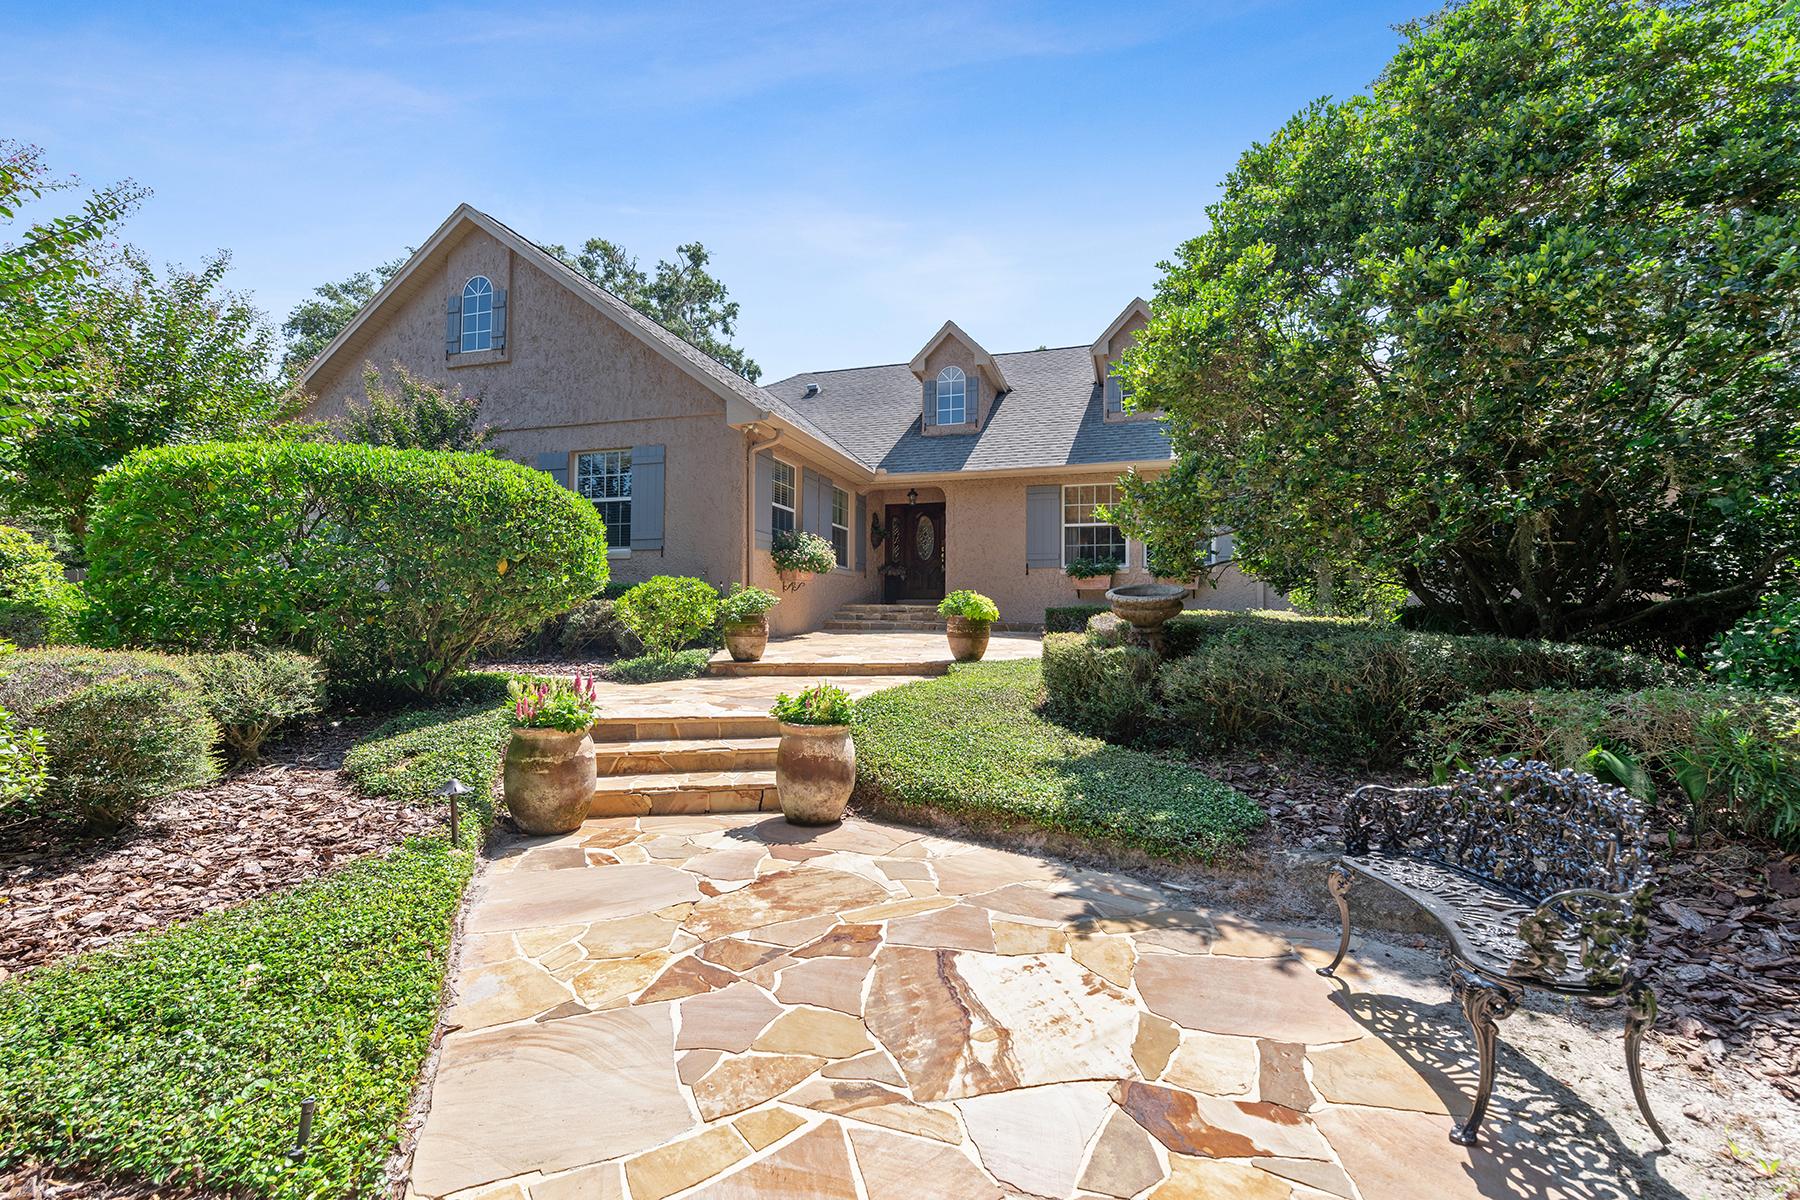 Single Family Homes für Verkauf beim WINTER PARK 1608 Barcelona Way Winter Park, Florida 32789 Vereinigte Staaten